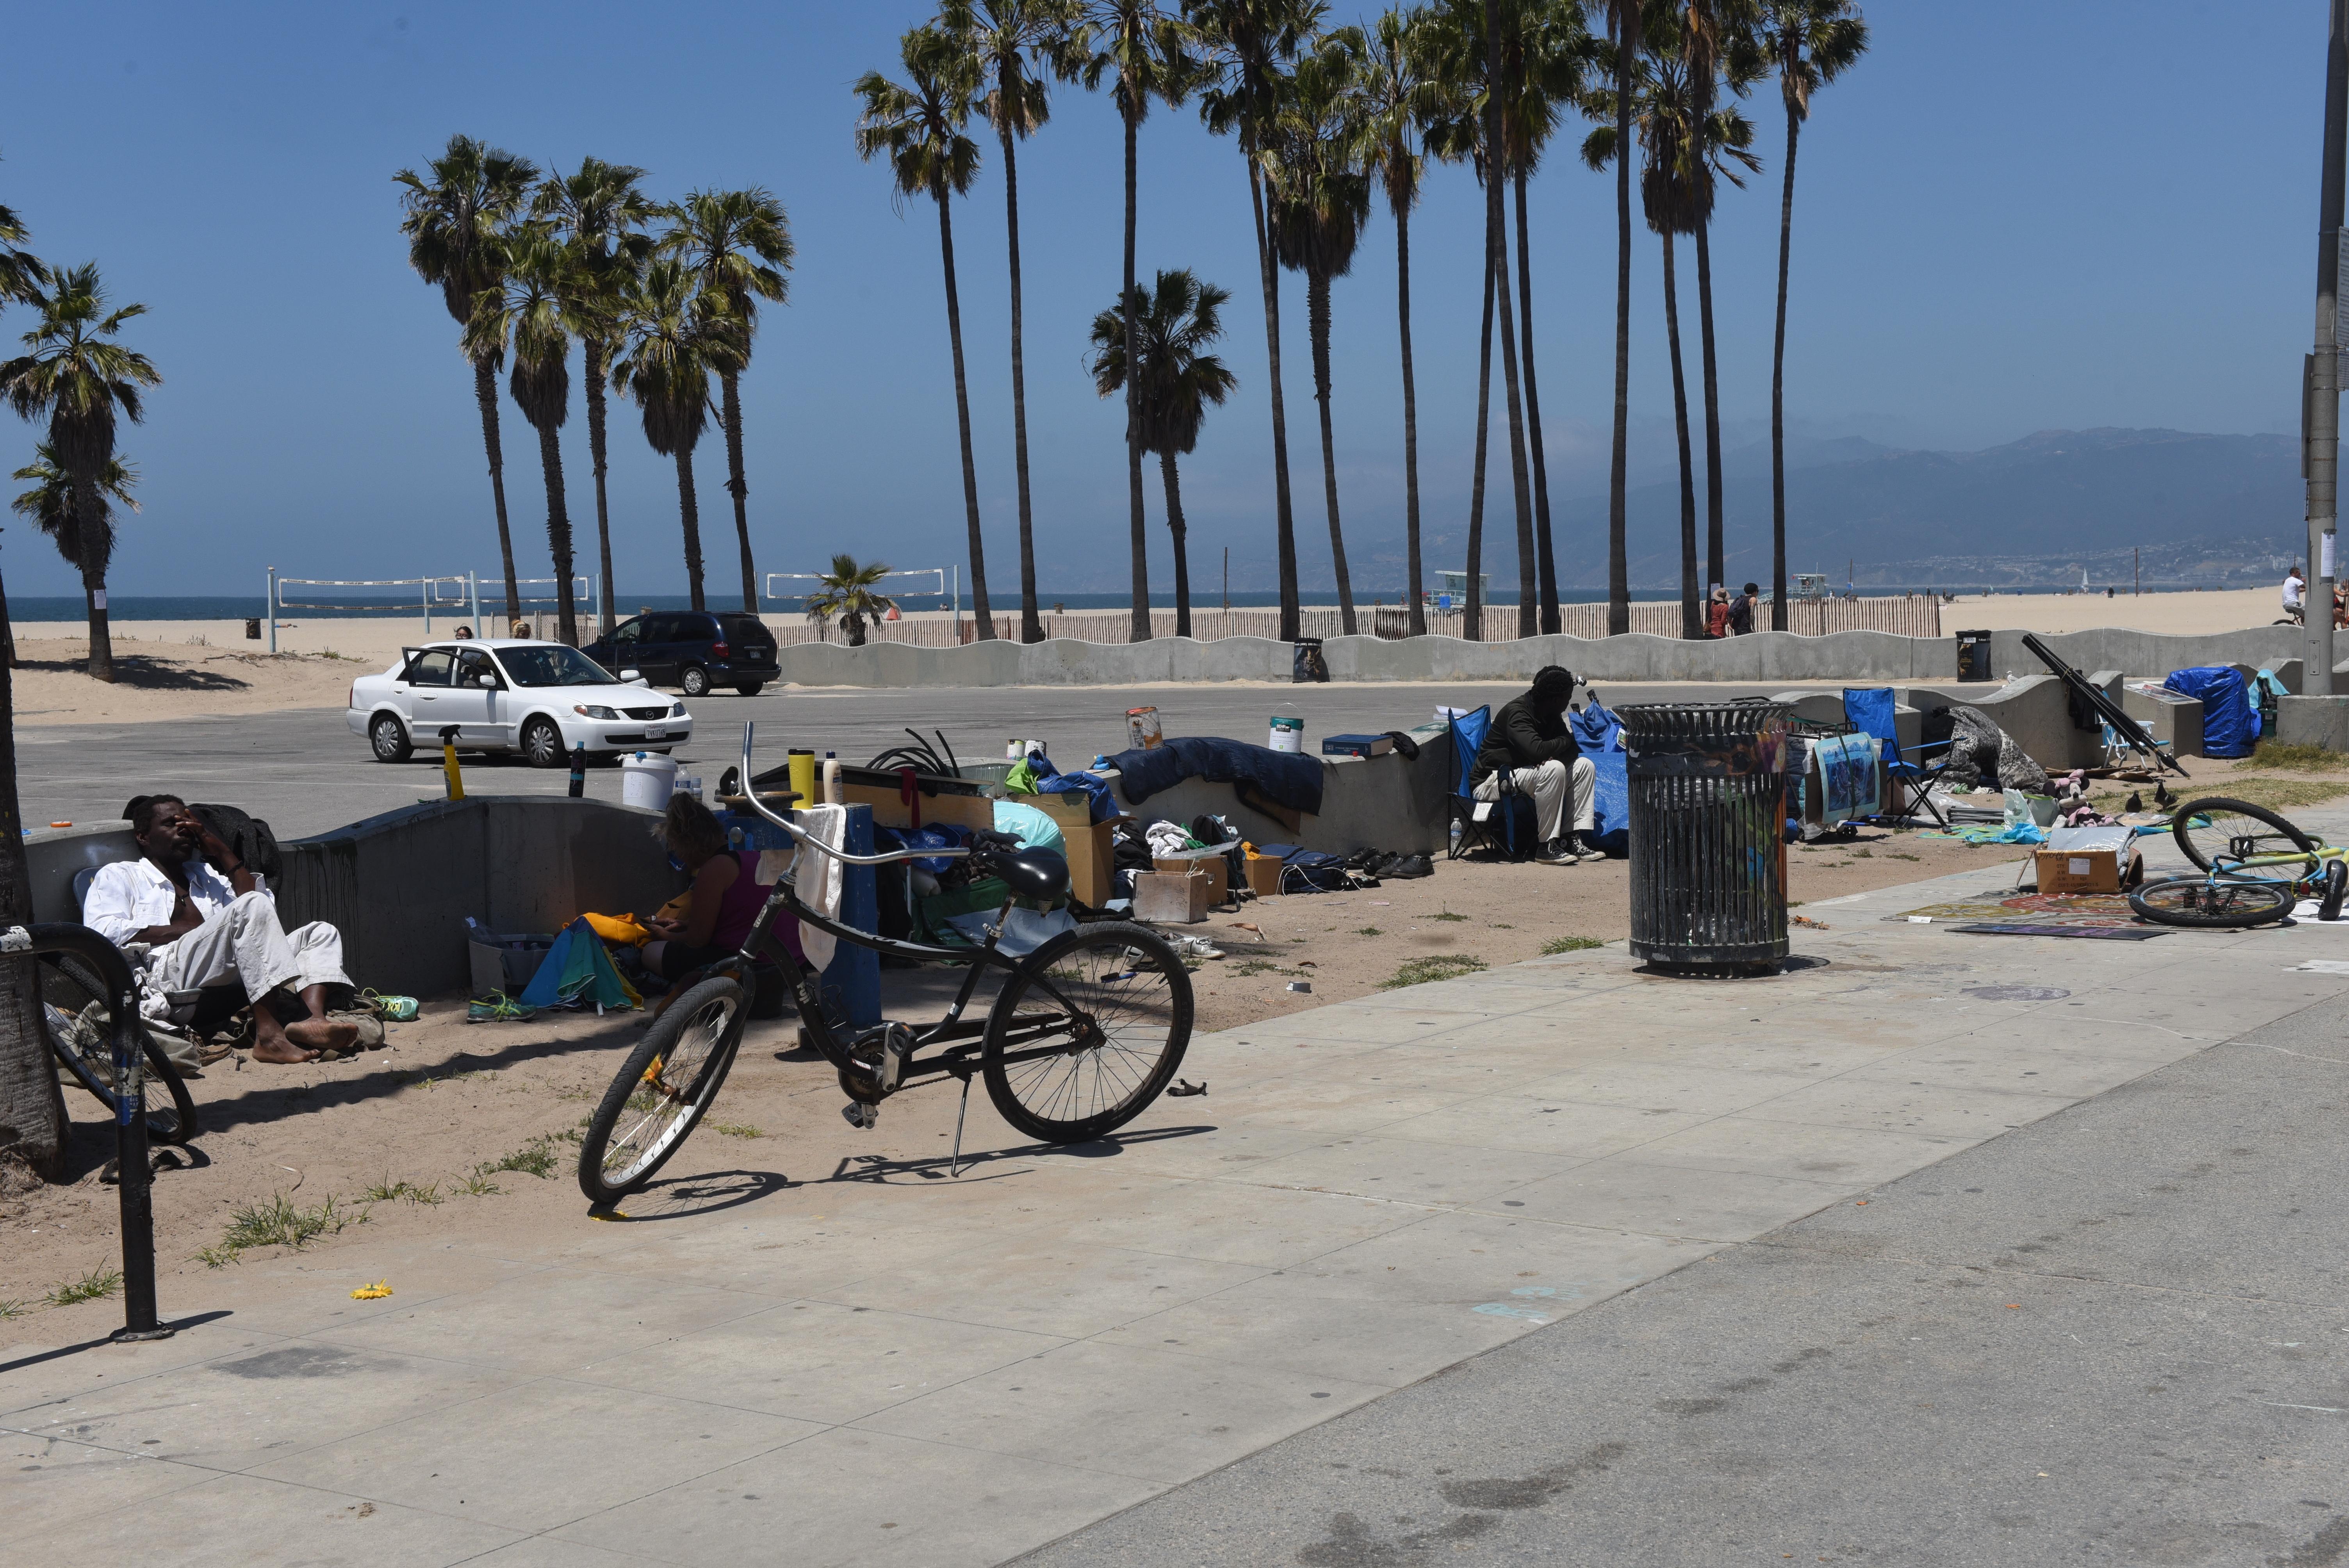 Homeless residents in Venice